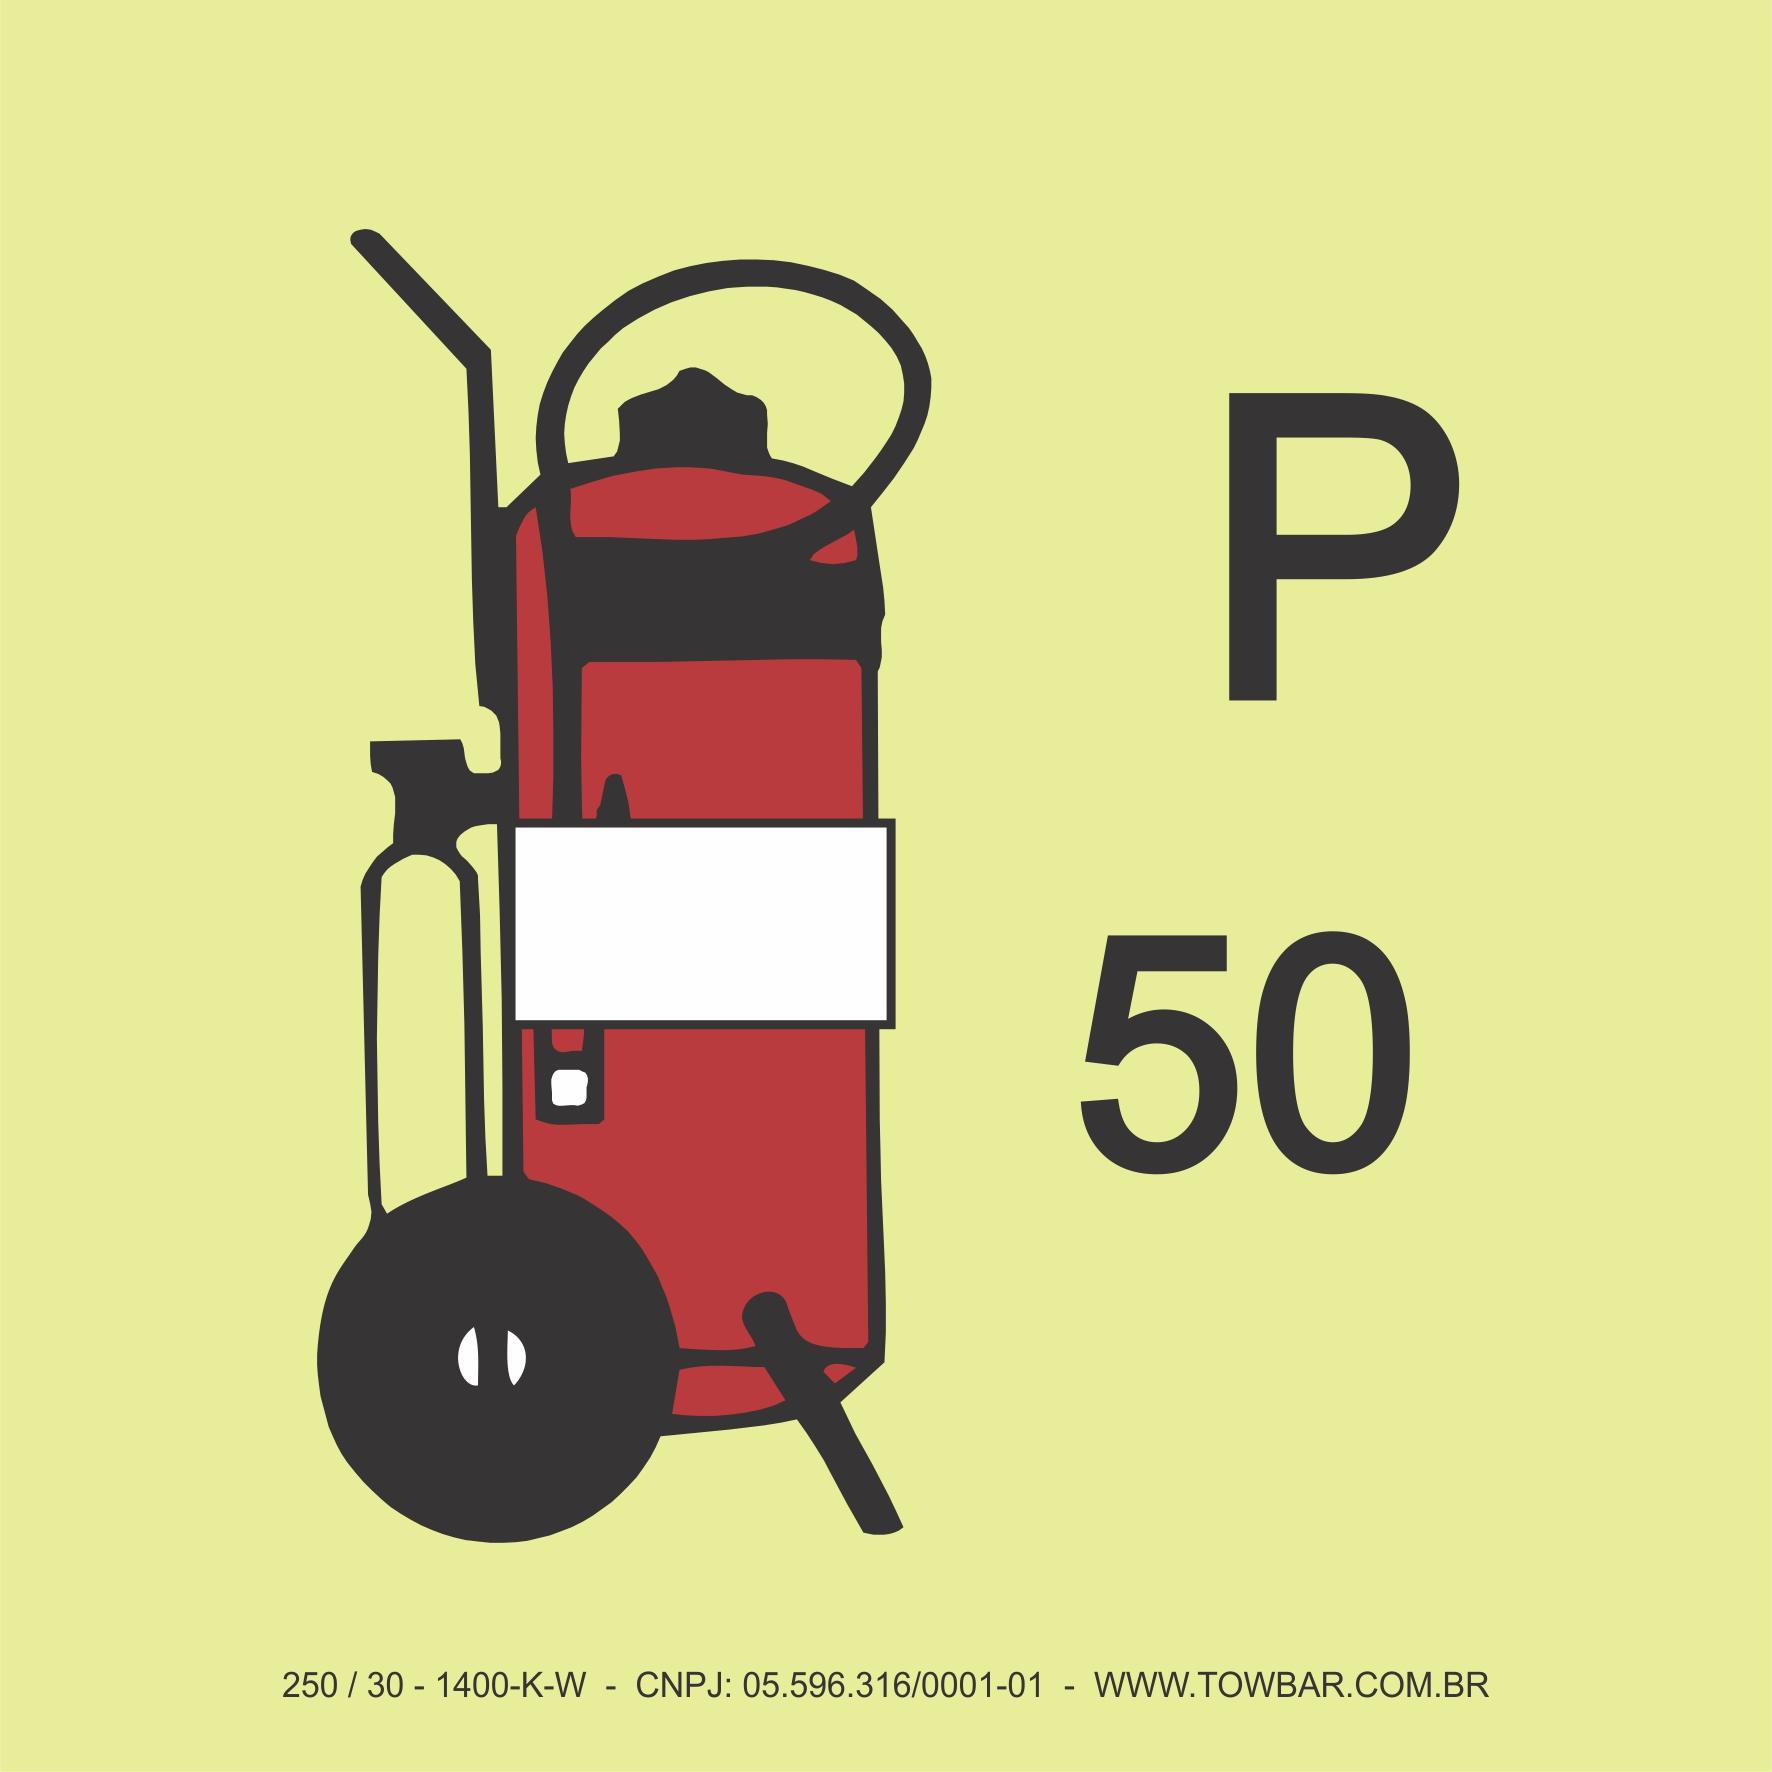 Extintor de Incêndio Pó Tipo Carreta (Wheeled Powder Fire Extinguisher P50)  - Towbar Sinalização de Segurança